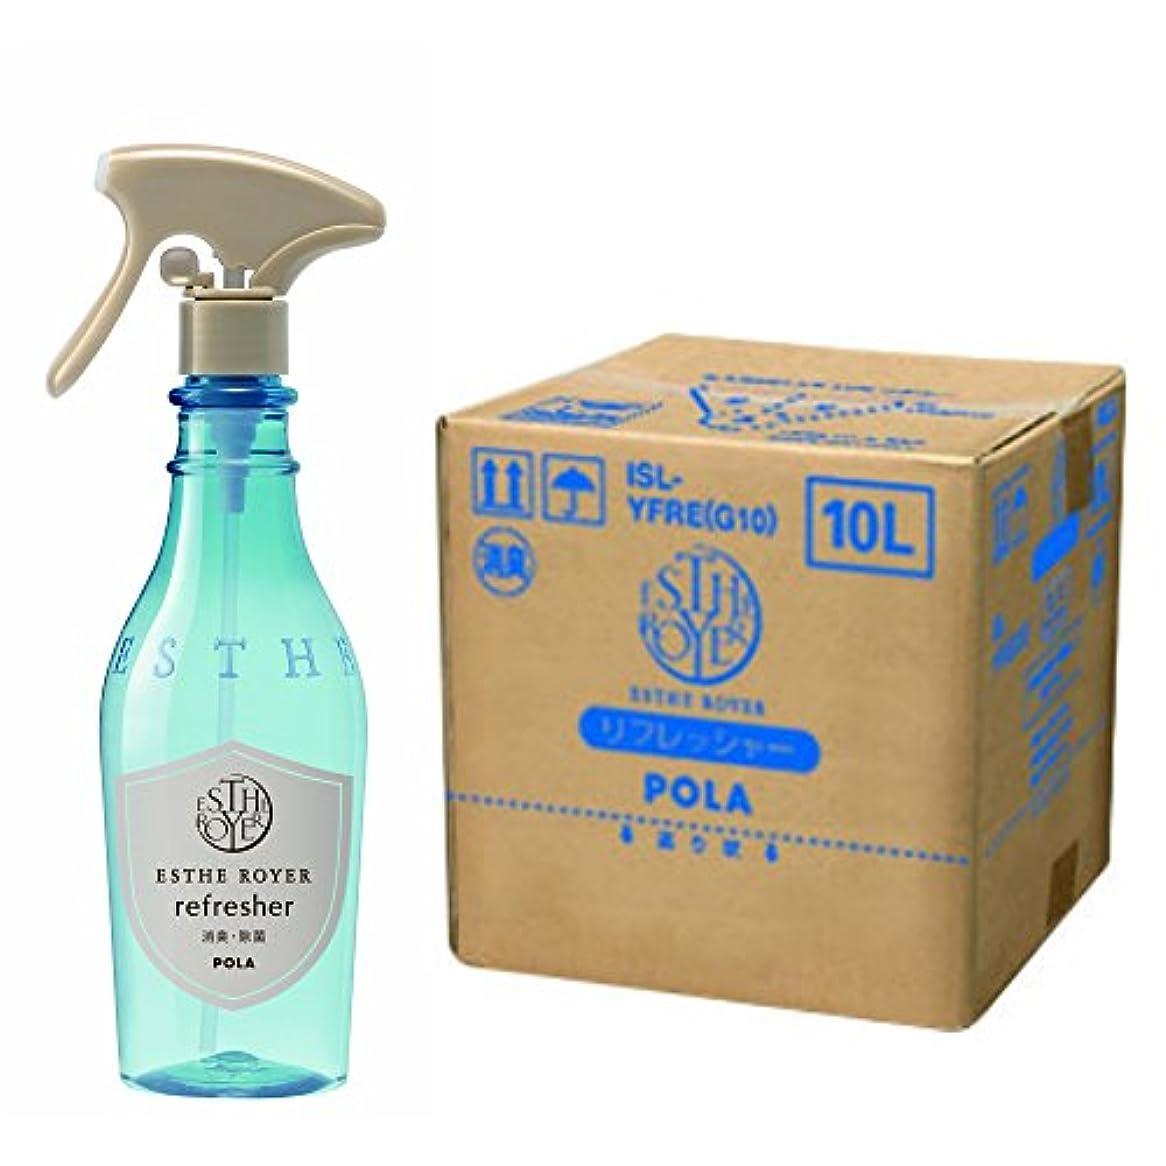 器用有料親指POLA ポーラ エステロワイエ リフレッシャー<衣類?布製品用消臭剤> 業務用 10L×1箱 専用詰め替え容器 400ml 2本付。クローゼット用ハンガー付き。